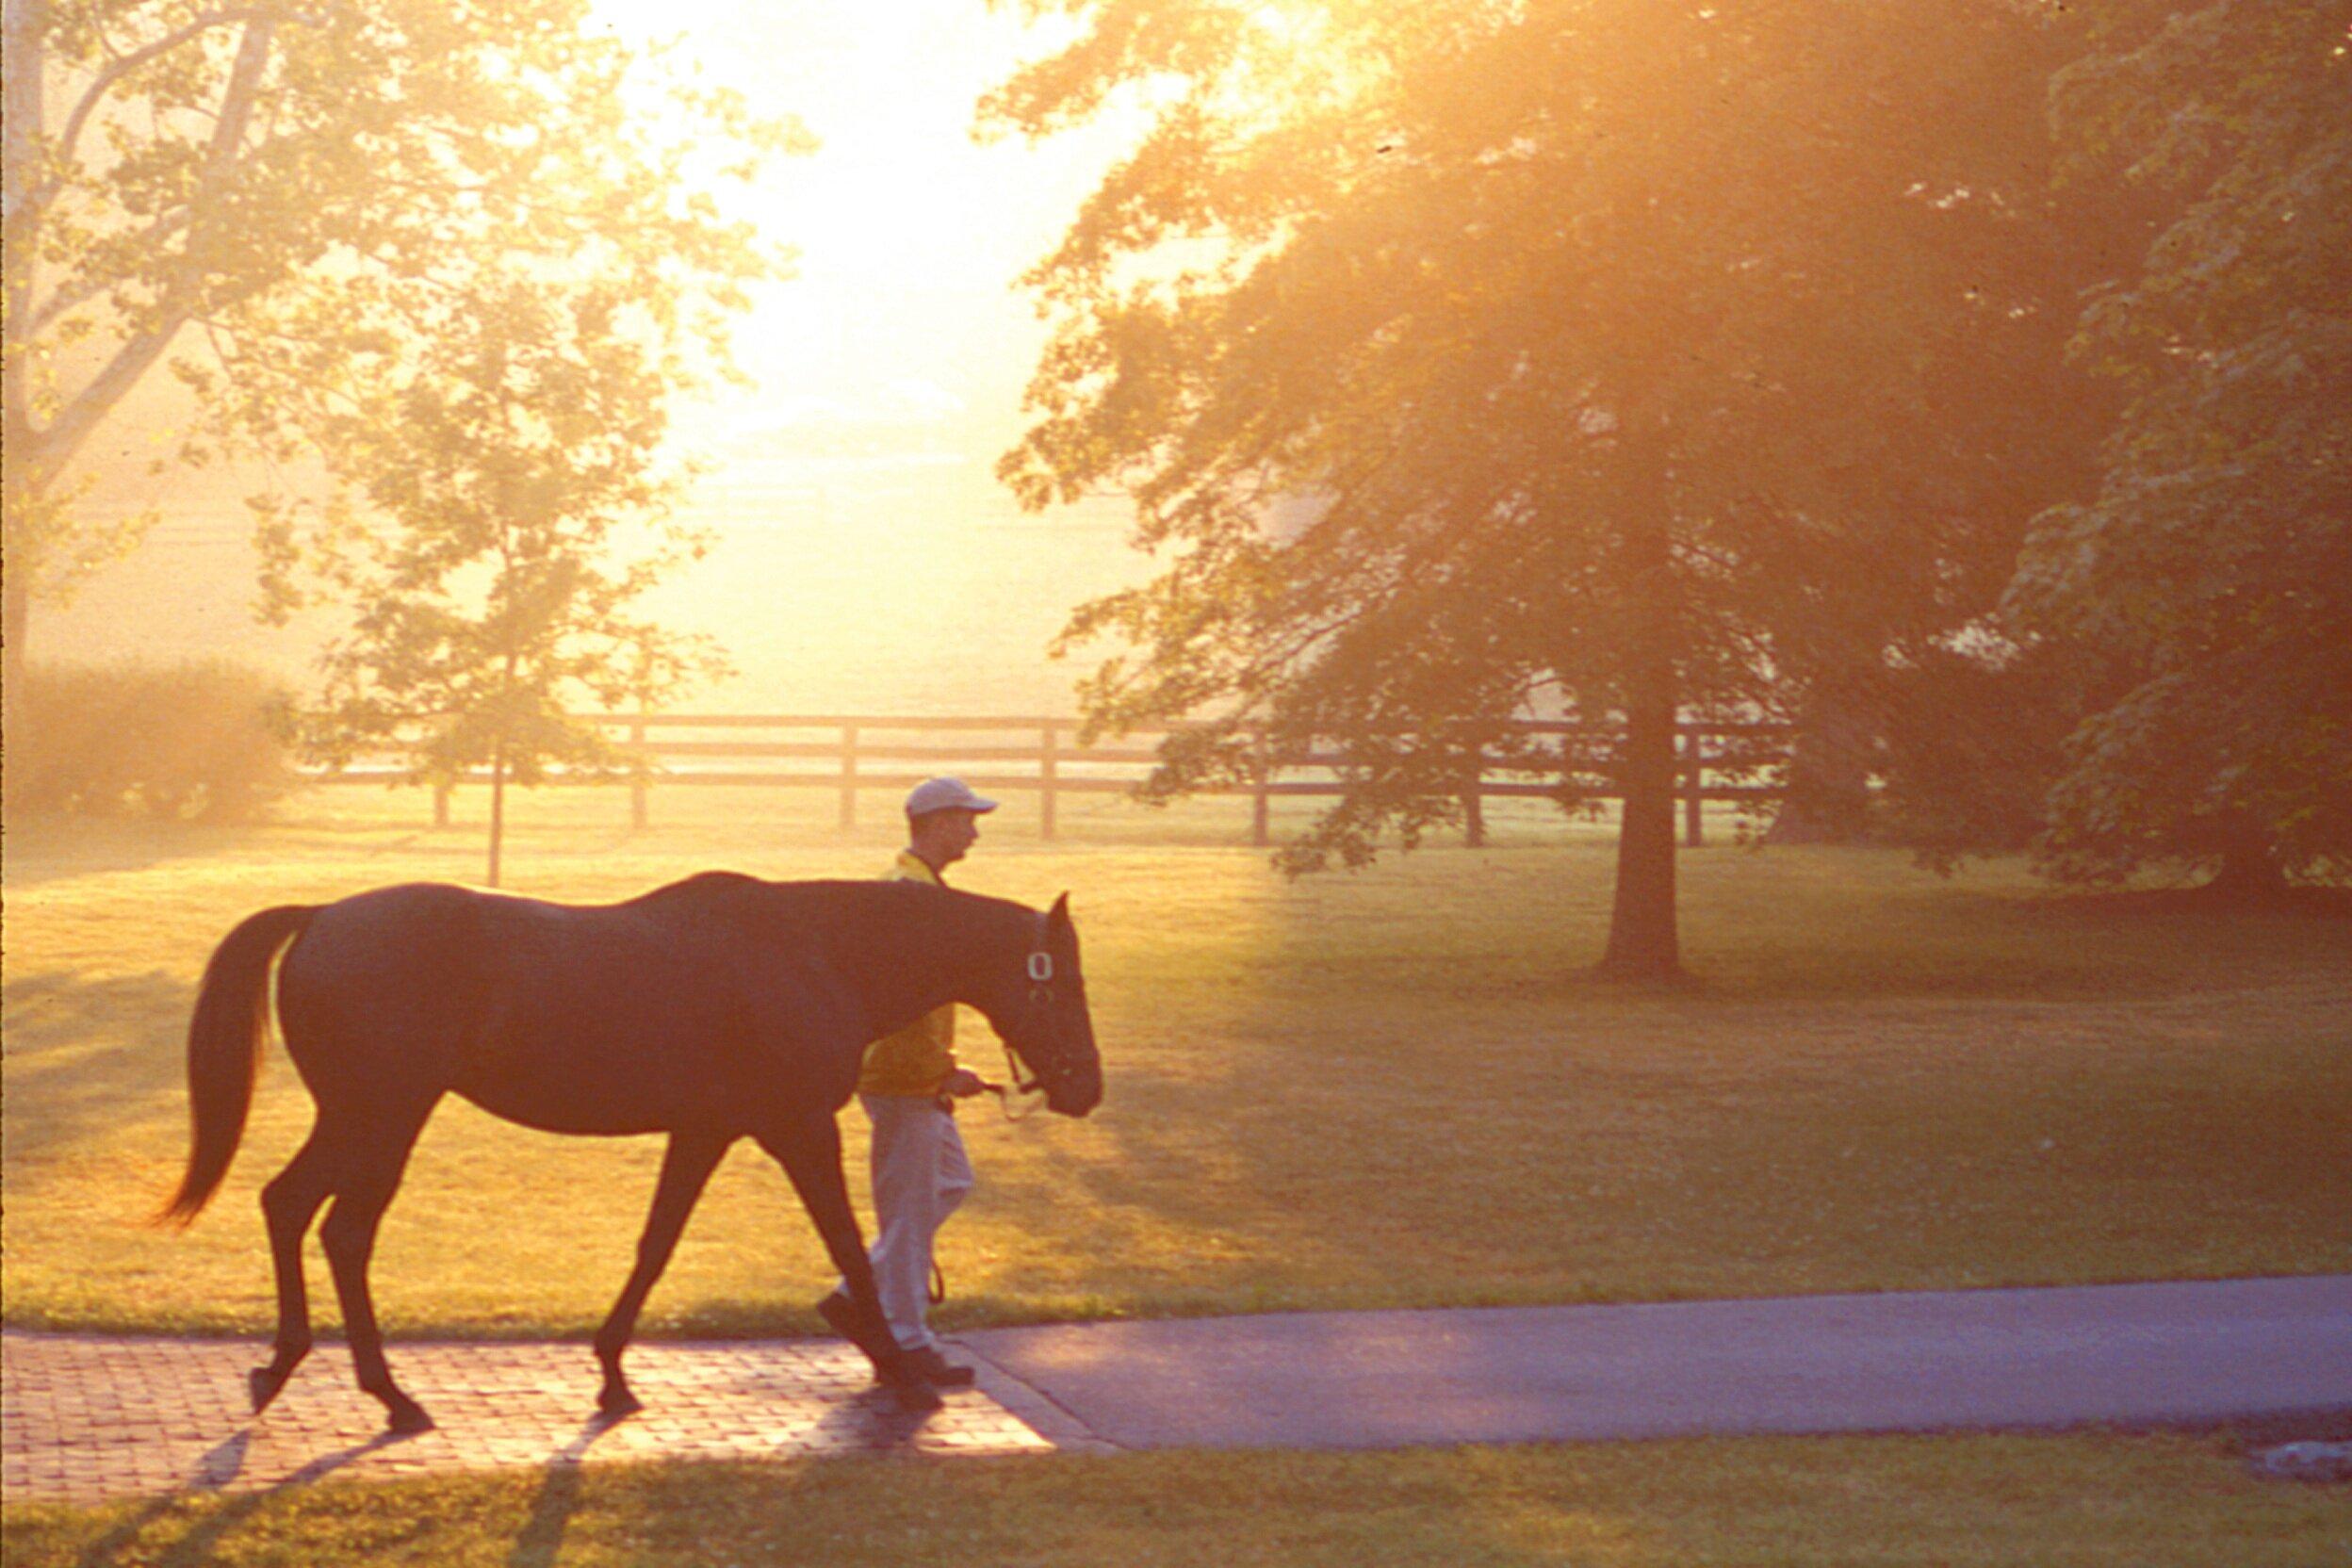 Claiborne+Farm+walk+at+sunset-01.jpg